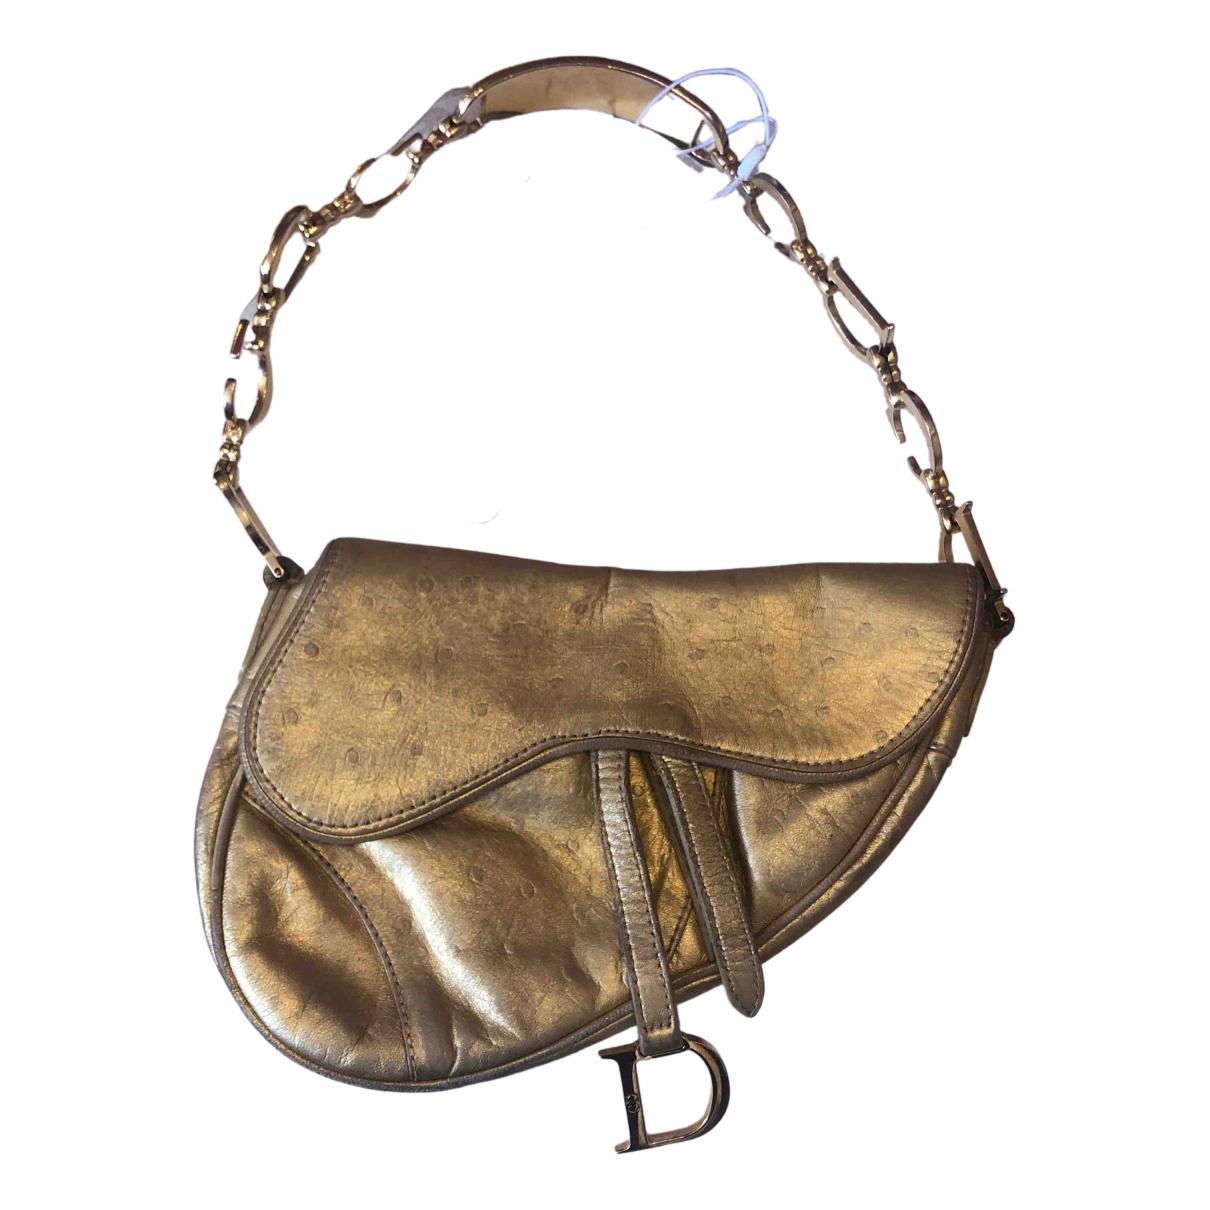 Dior - Sac a main Saddle pour femme en autruche - dore